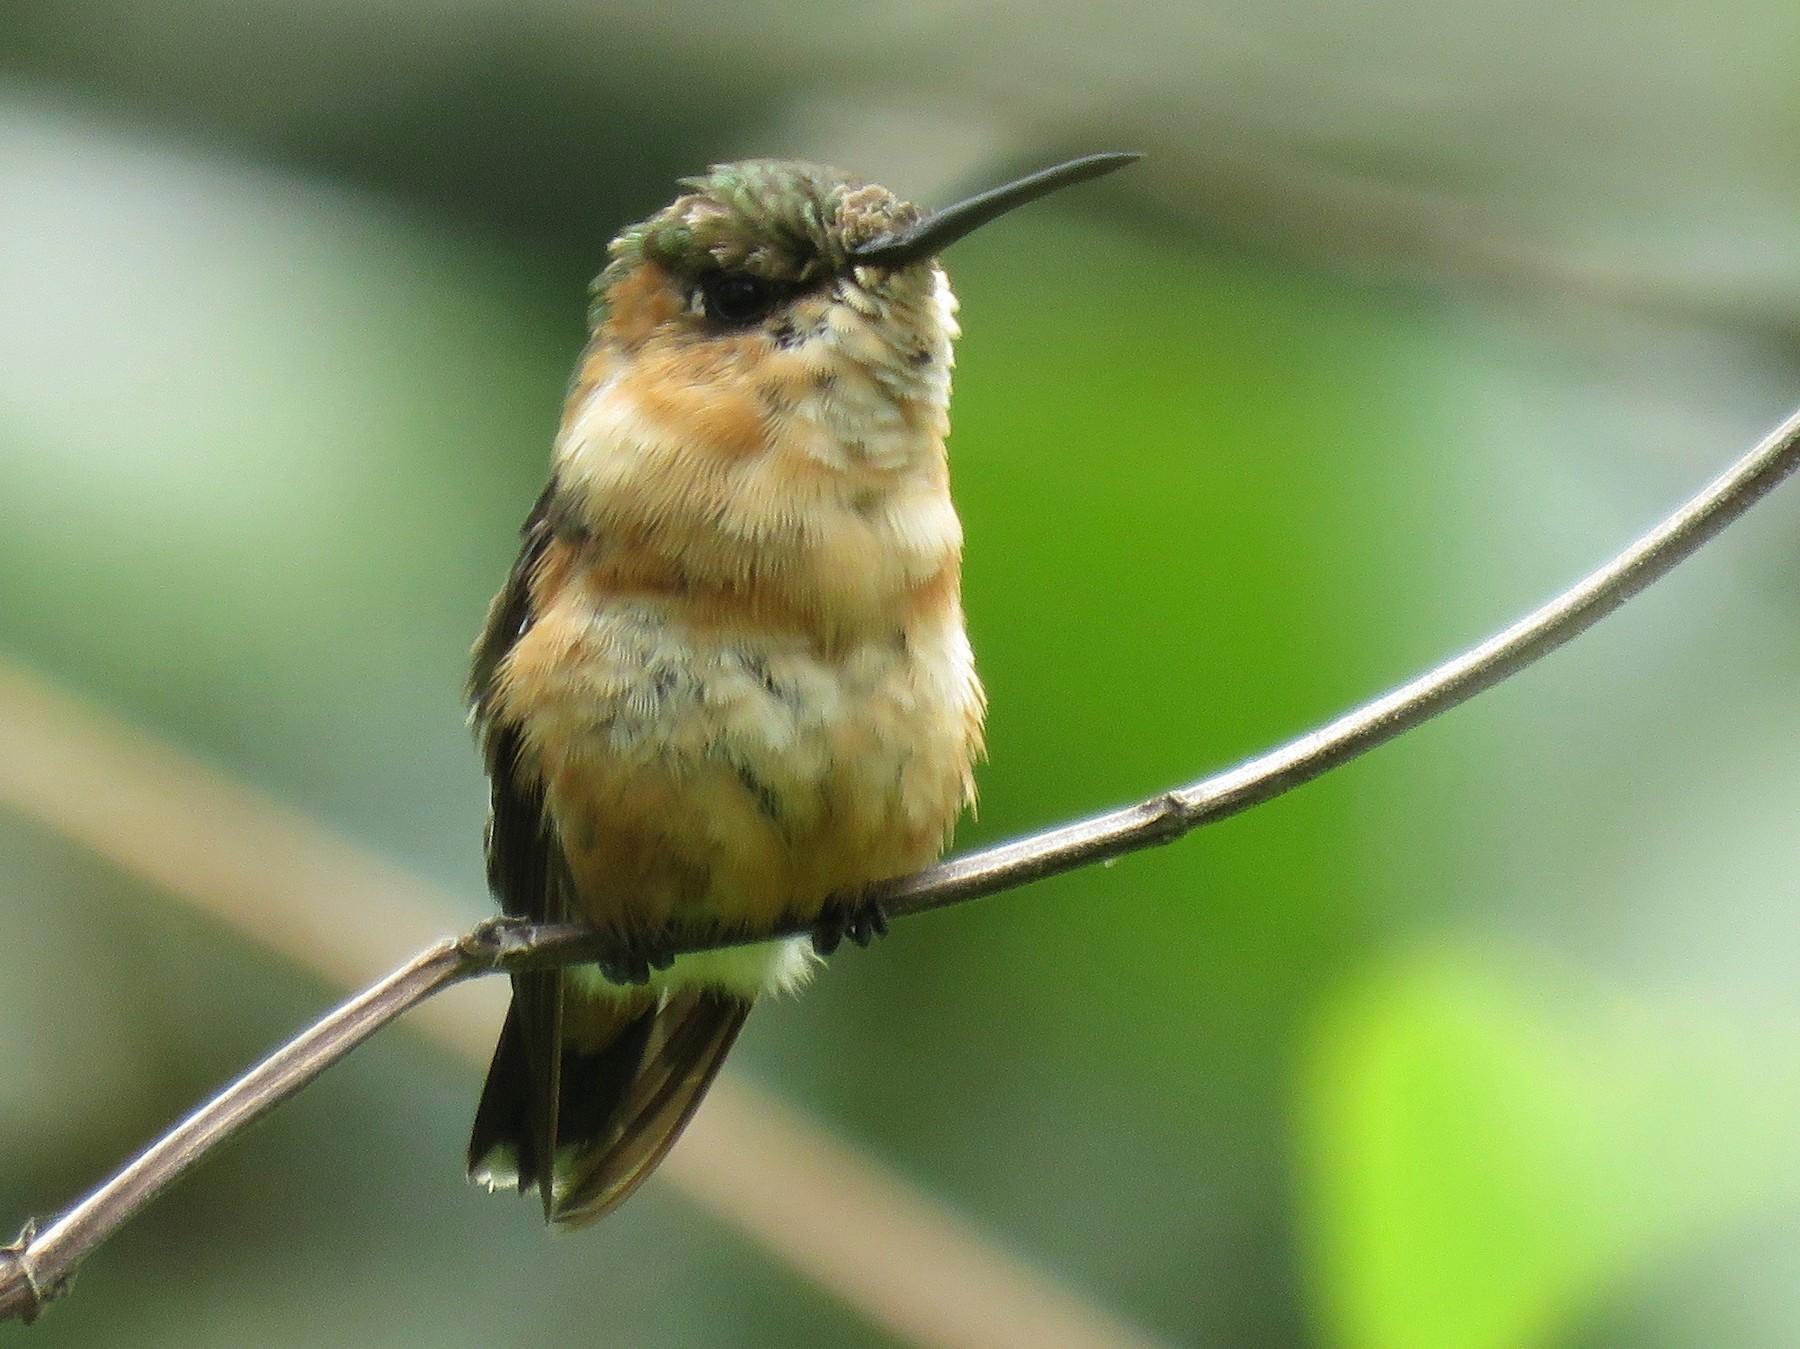 Sparkling-tailed Hummingbird - John van Dort